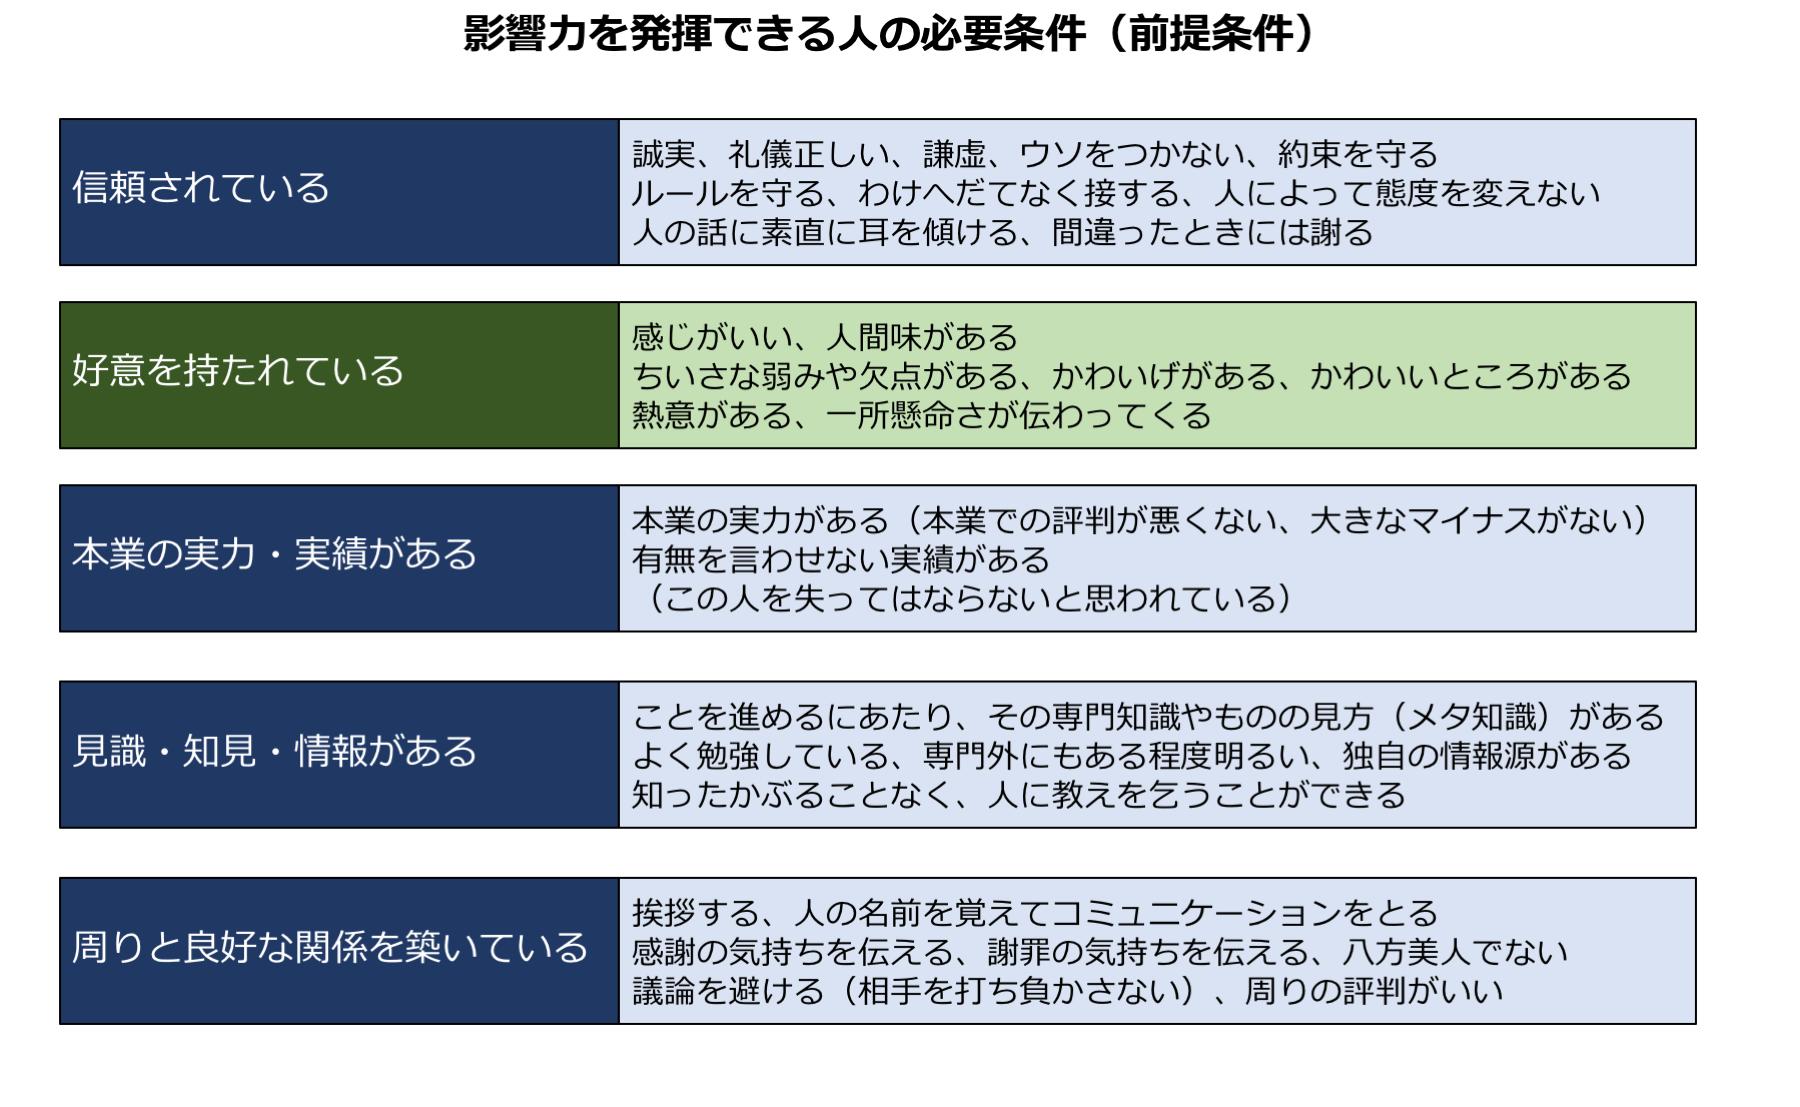 tsukamatsu_018_02.png